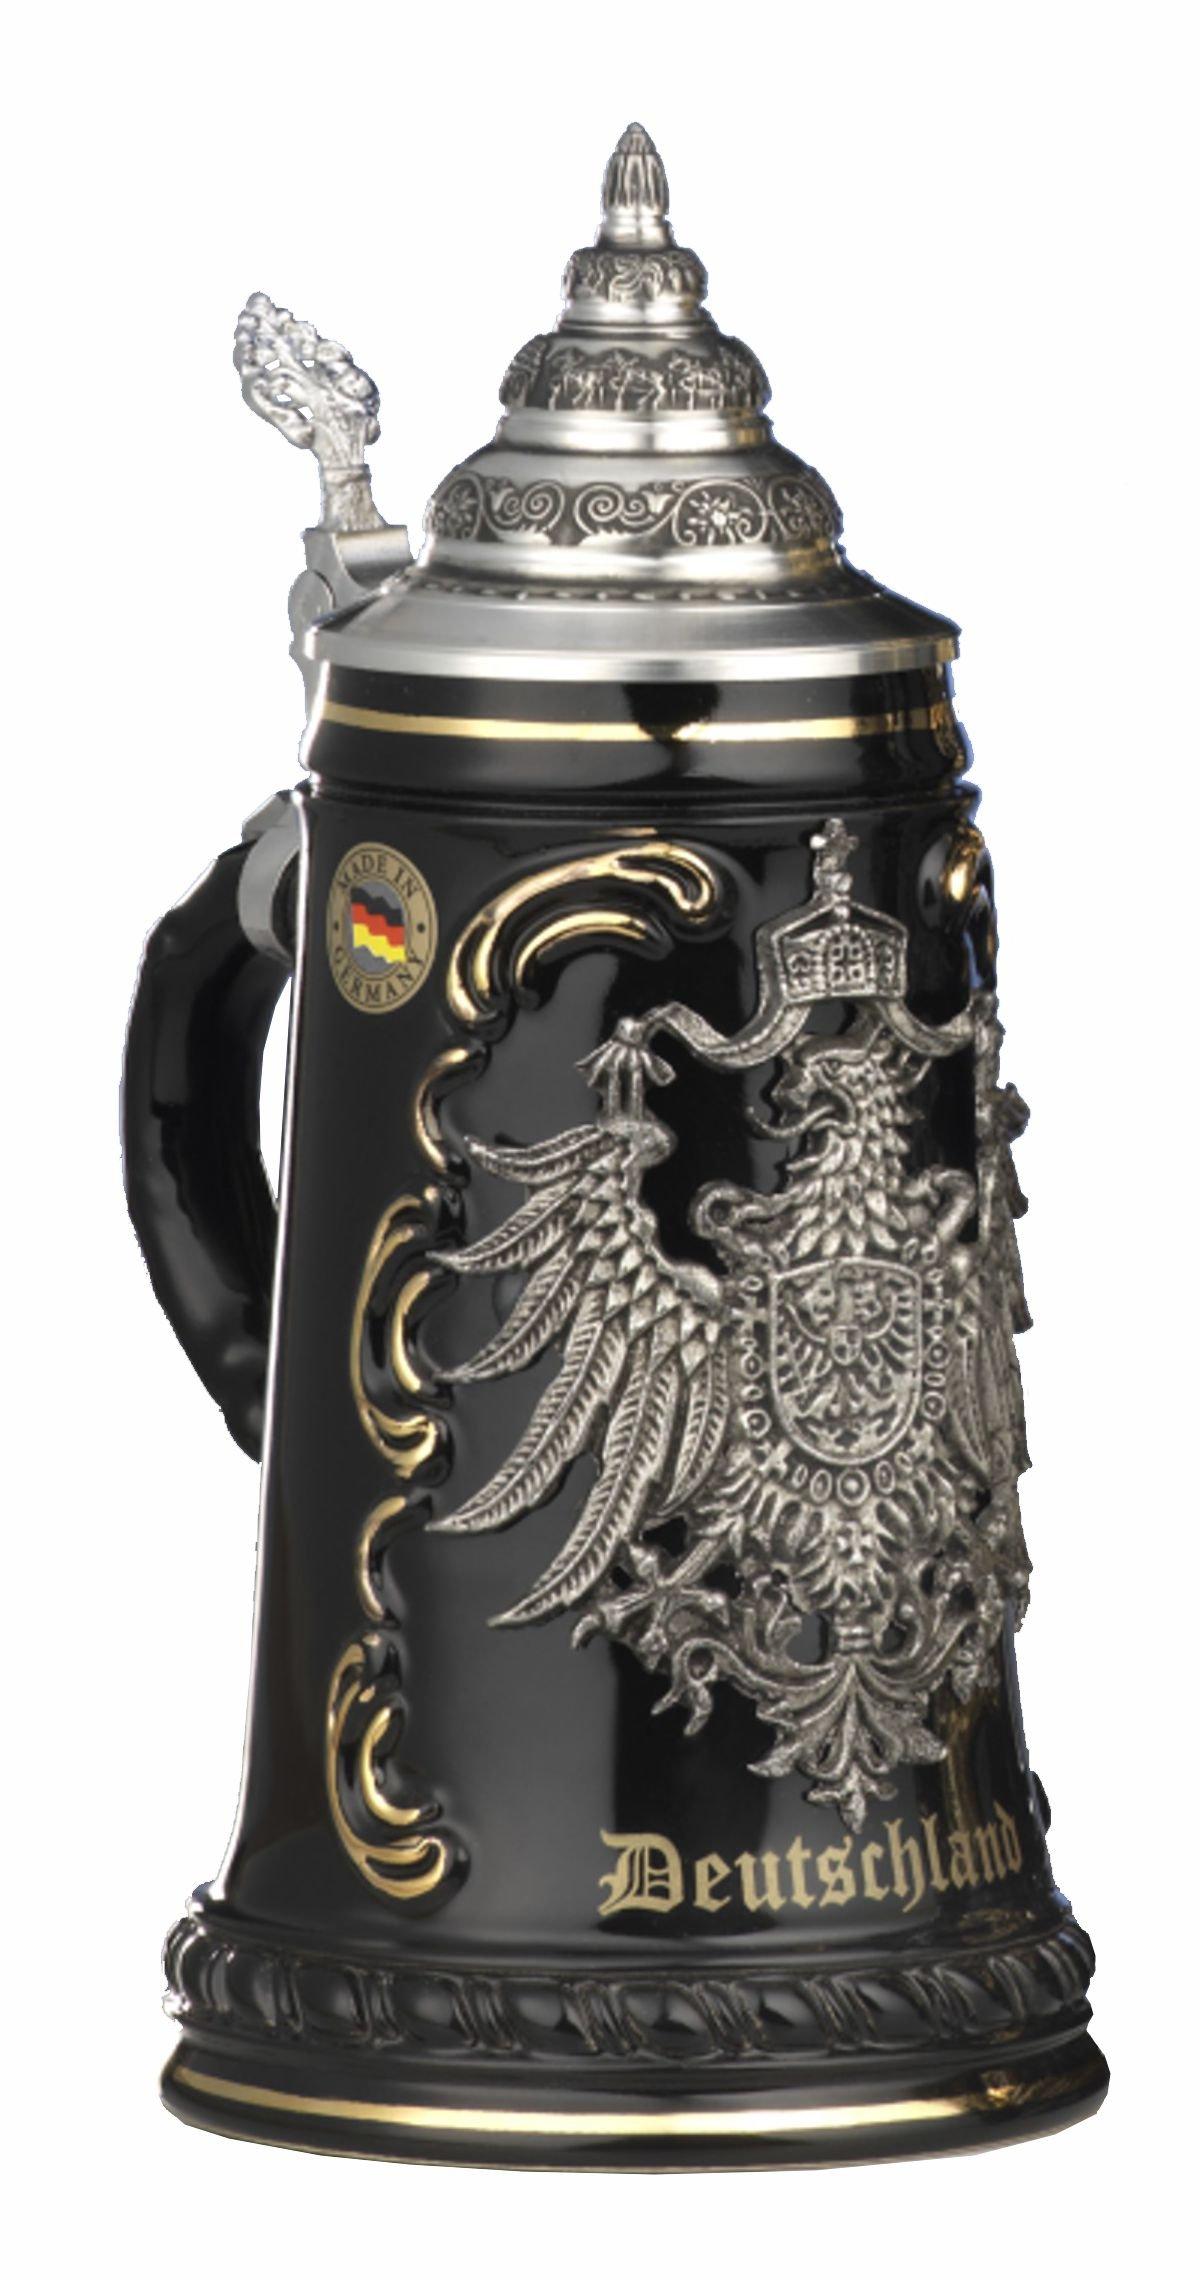 German Beer Stein black Deutschland pewter eagle Stein 0.5 liter tankard, beer mug KI 415-SZA 0,5L Deutschland